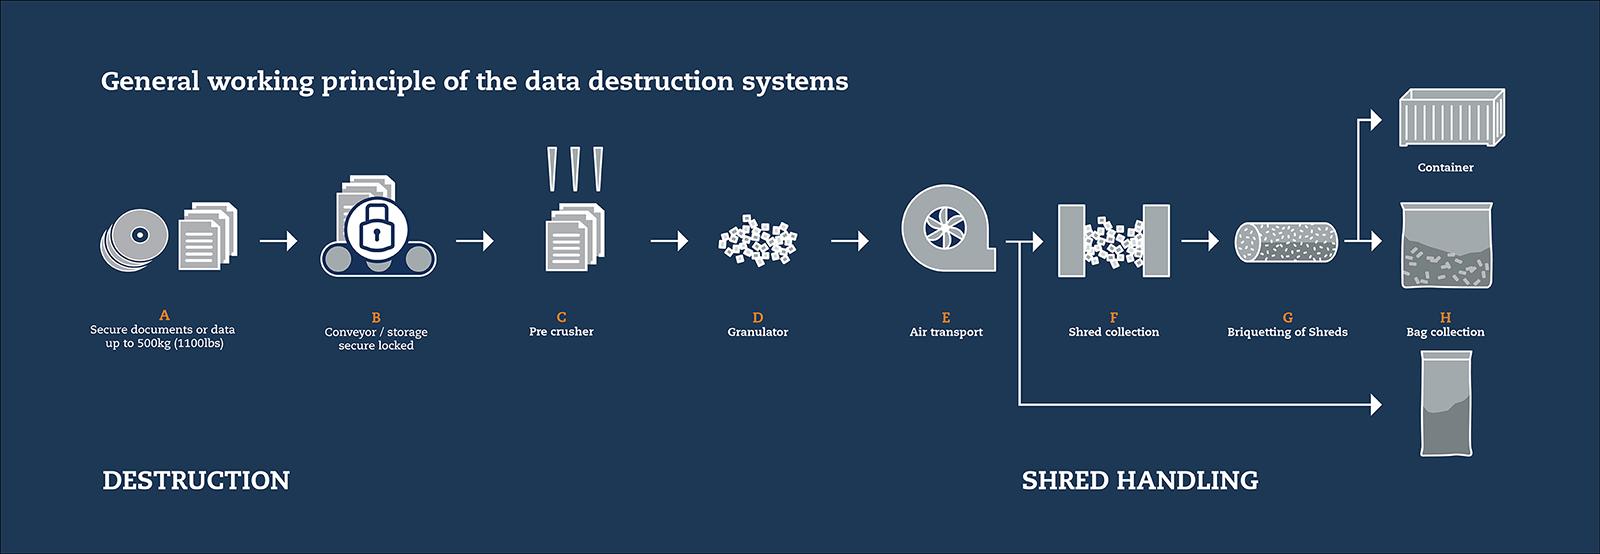 data destruction flow chart diaph